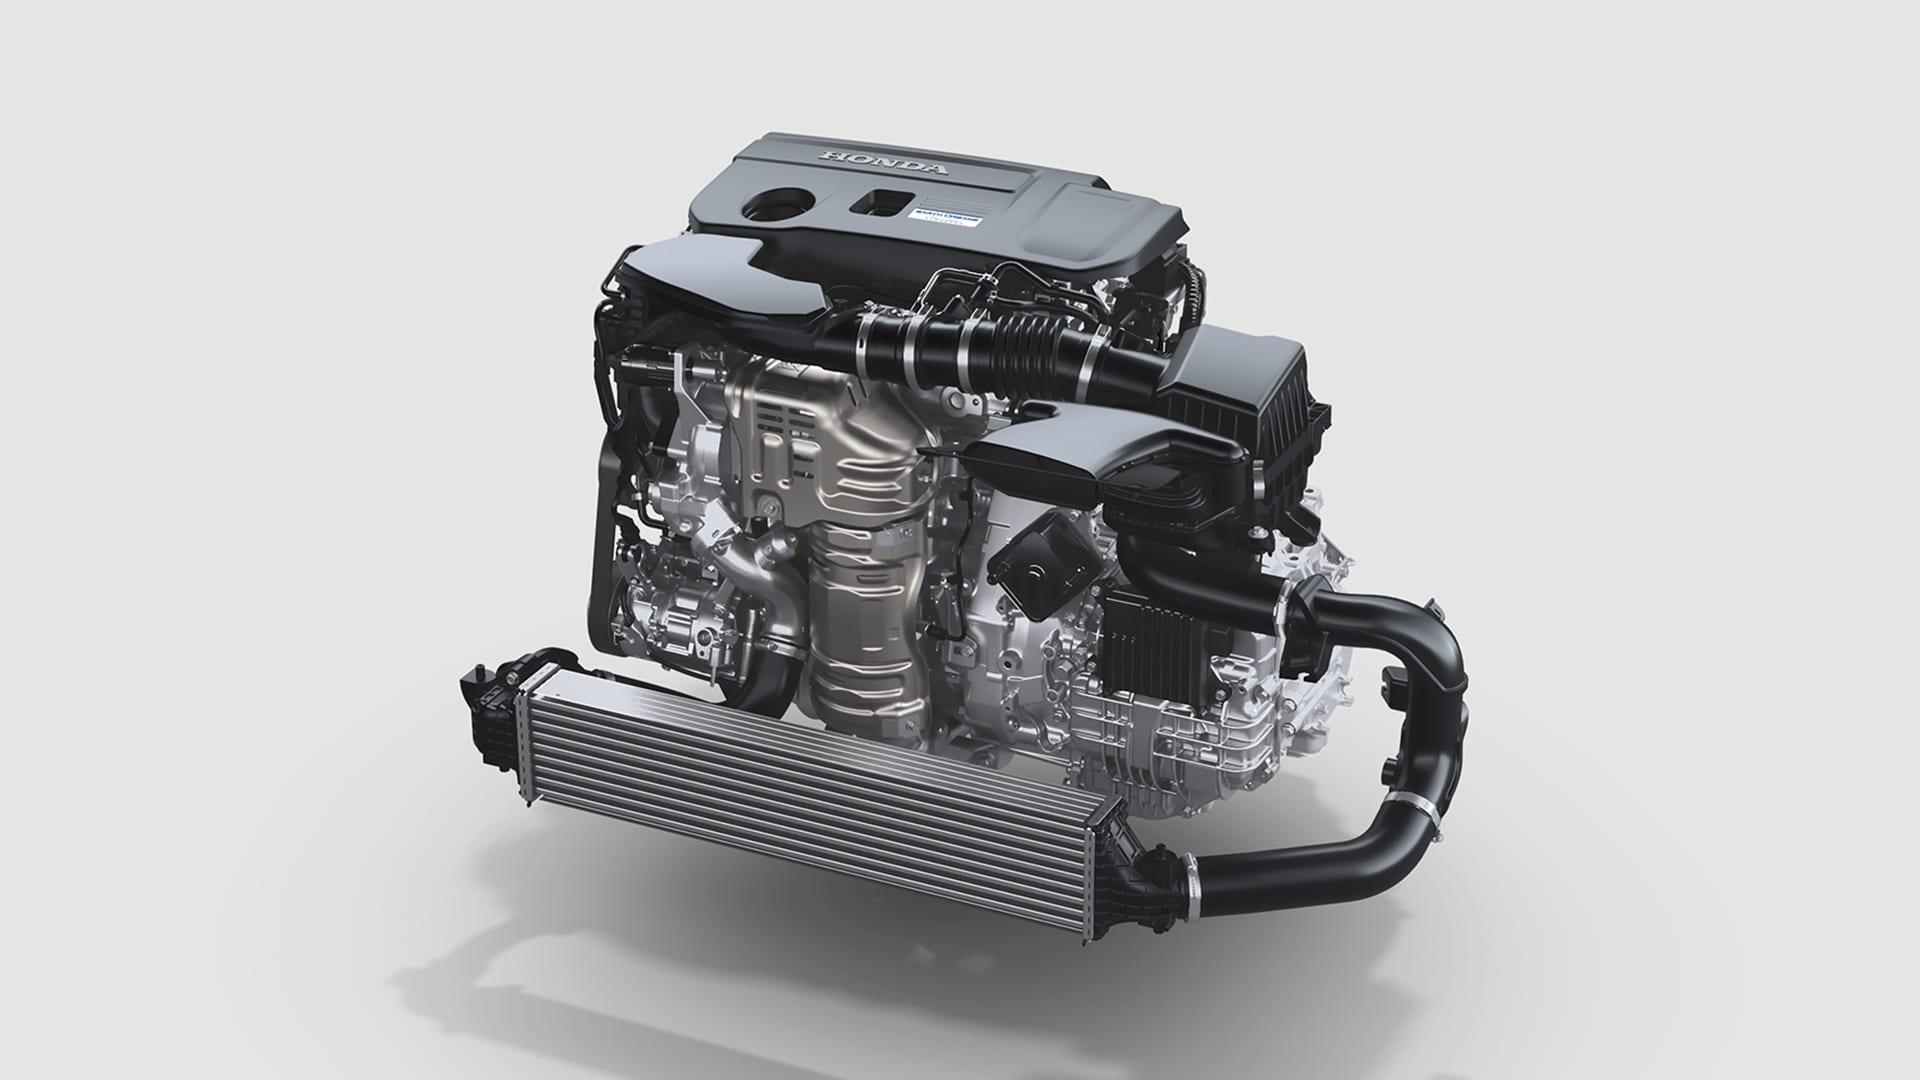 Accord - 2.0l Turbo 16V DOHC com Injeção Direta, DOHC, i-VTEC® de 4 cilindros